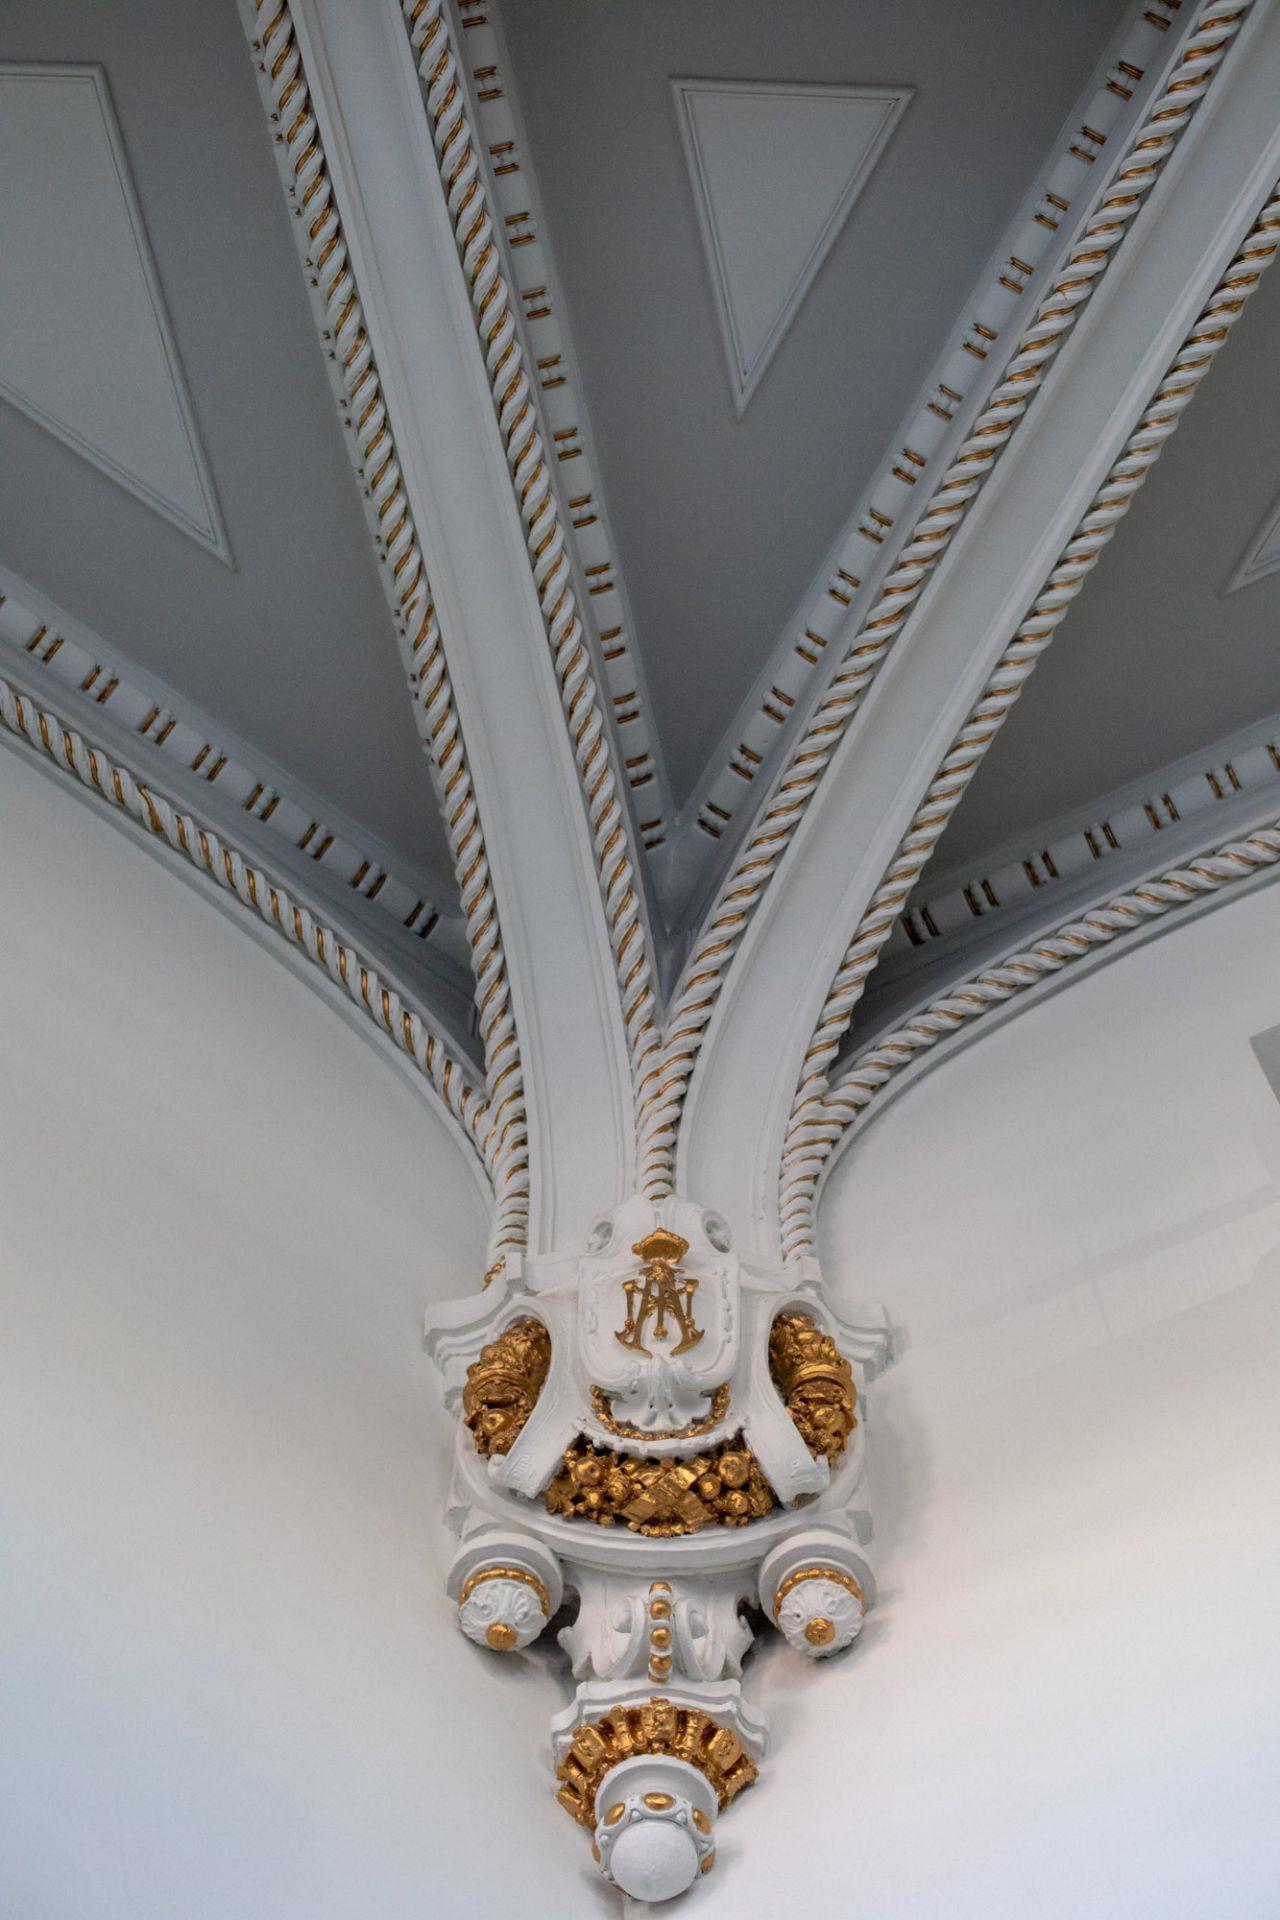 Detalle de la ornamentación del techo de una de las salas.